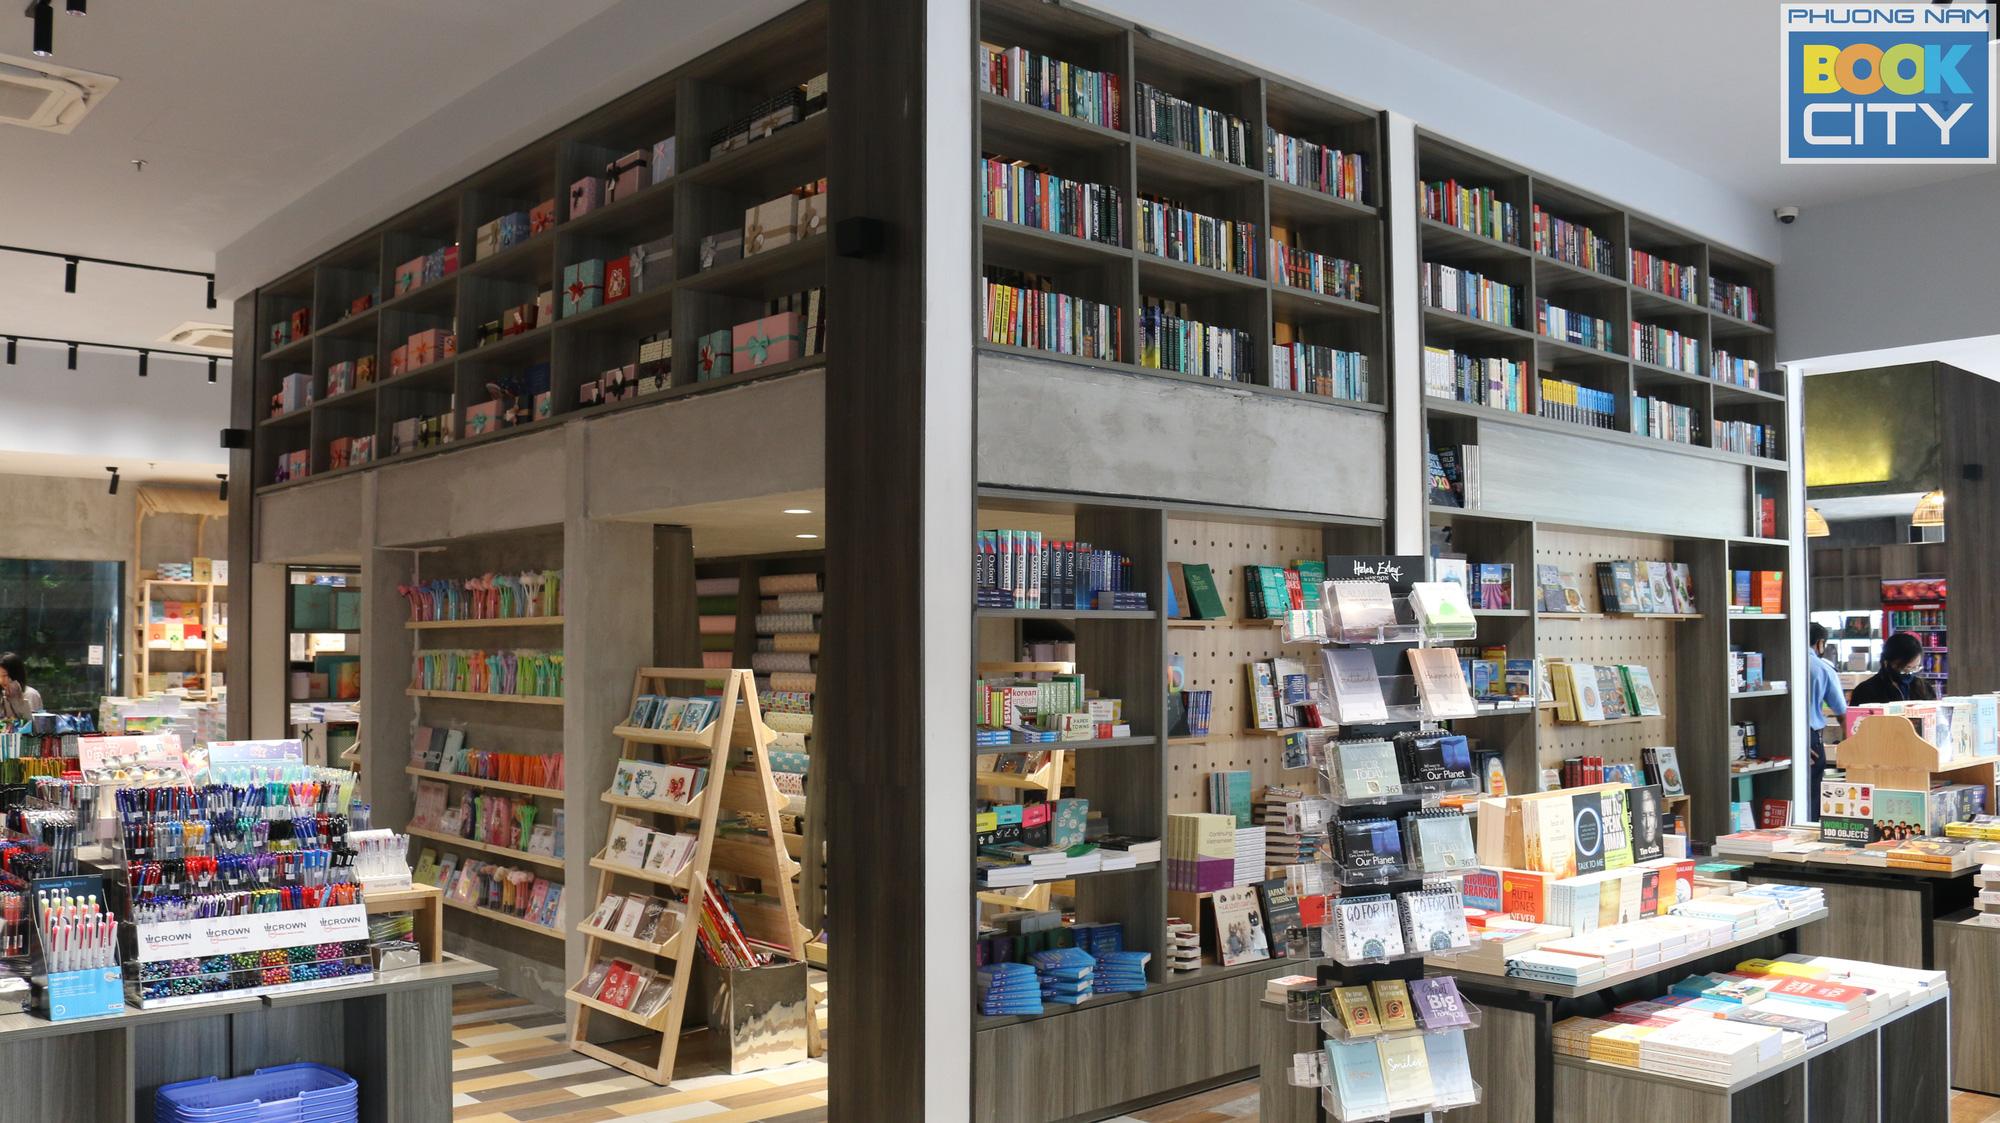 Thành phố sách Phương Nam đầu tiên tại trung tâm TP.HCM - điểm check-in mới của giới trẻ  - Ảnh 1.